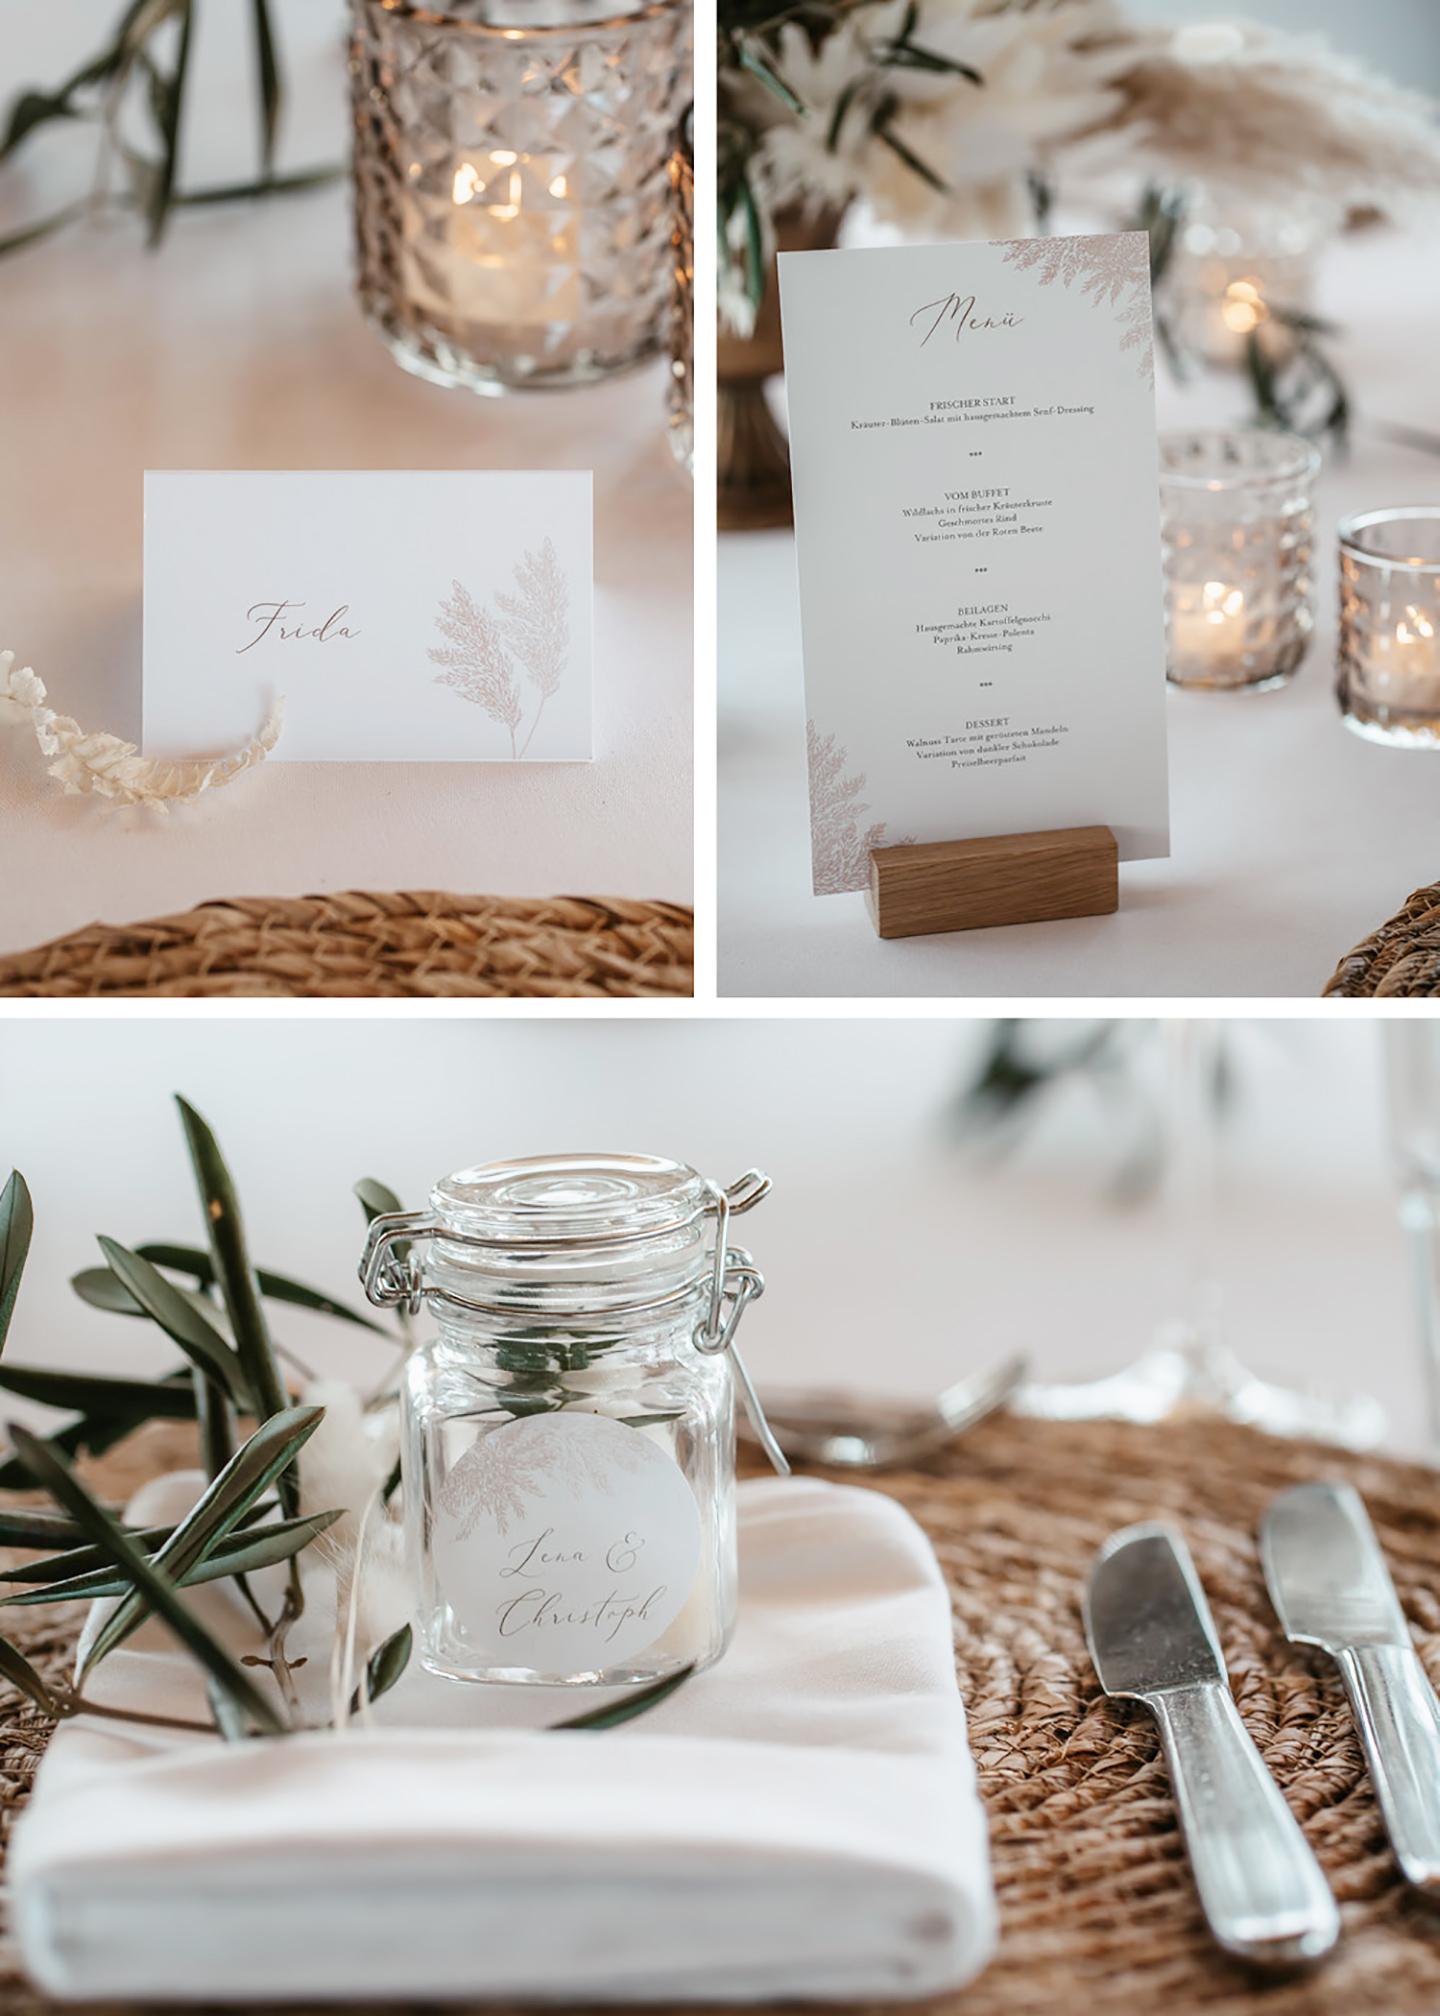 Die Hochzeitspapeterie auf dem Tisch besteht nicht nur aus der Menükarte sondern auch aus kleinen Tischkärtchen und Aufklebern auf den Gastgeschenken.